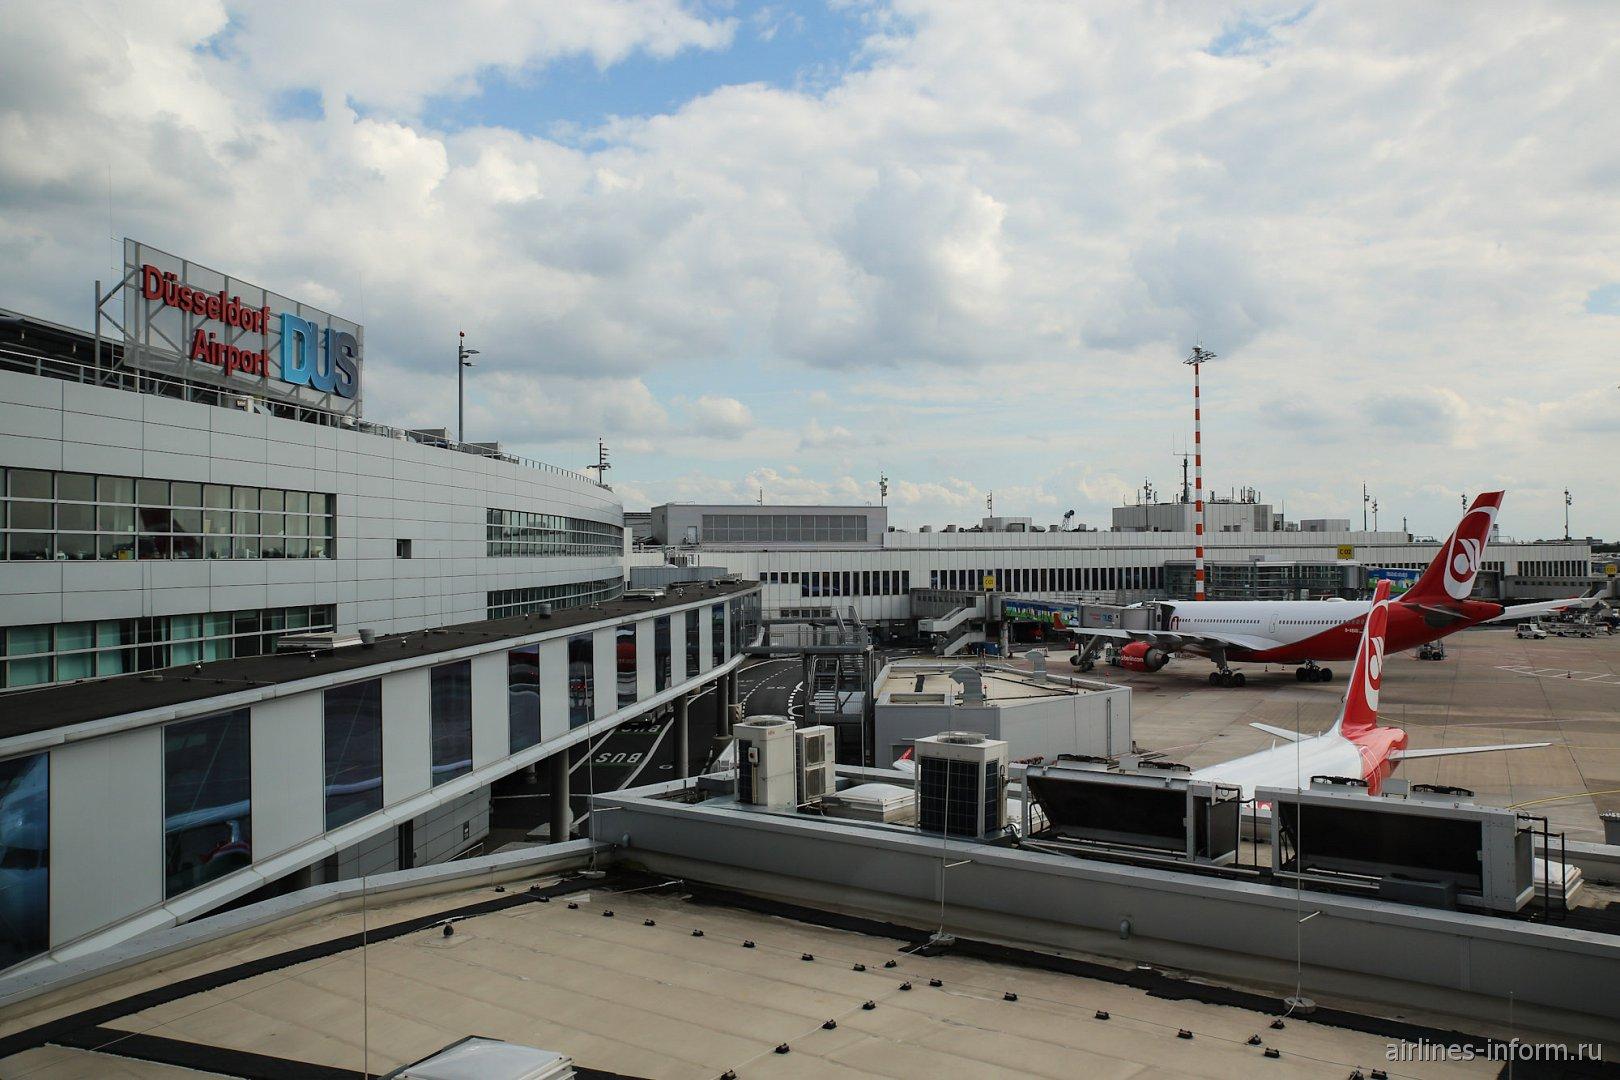 Вид на аэровокзал со смотровой площадки в аэропорту Дюссельдорфа